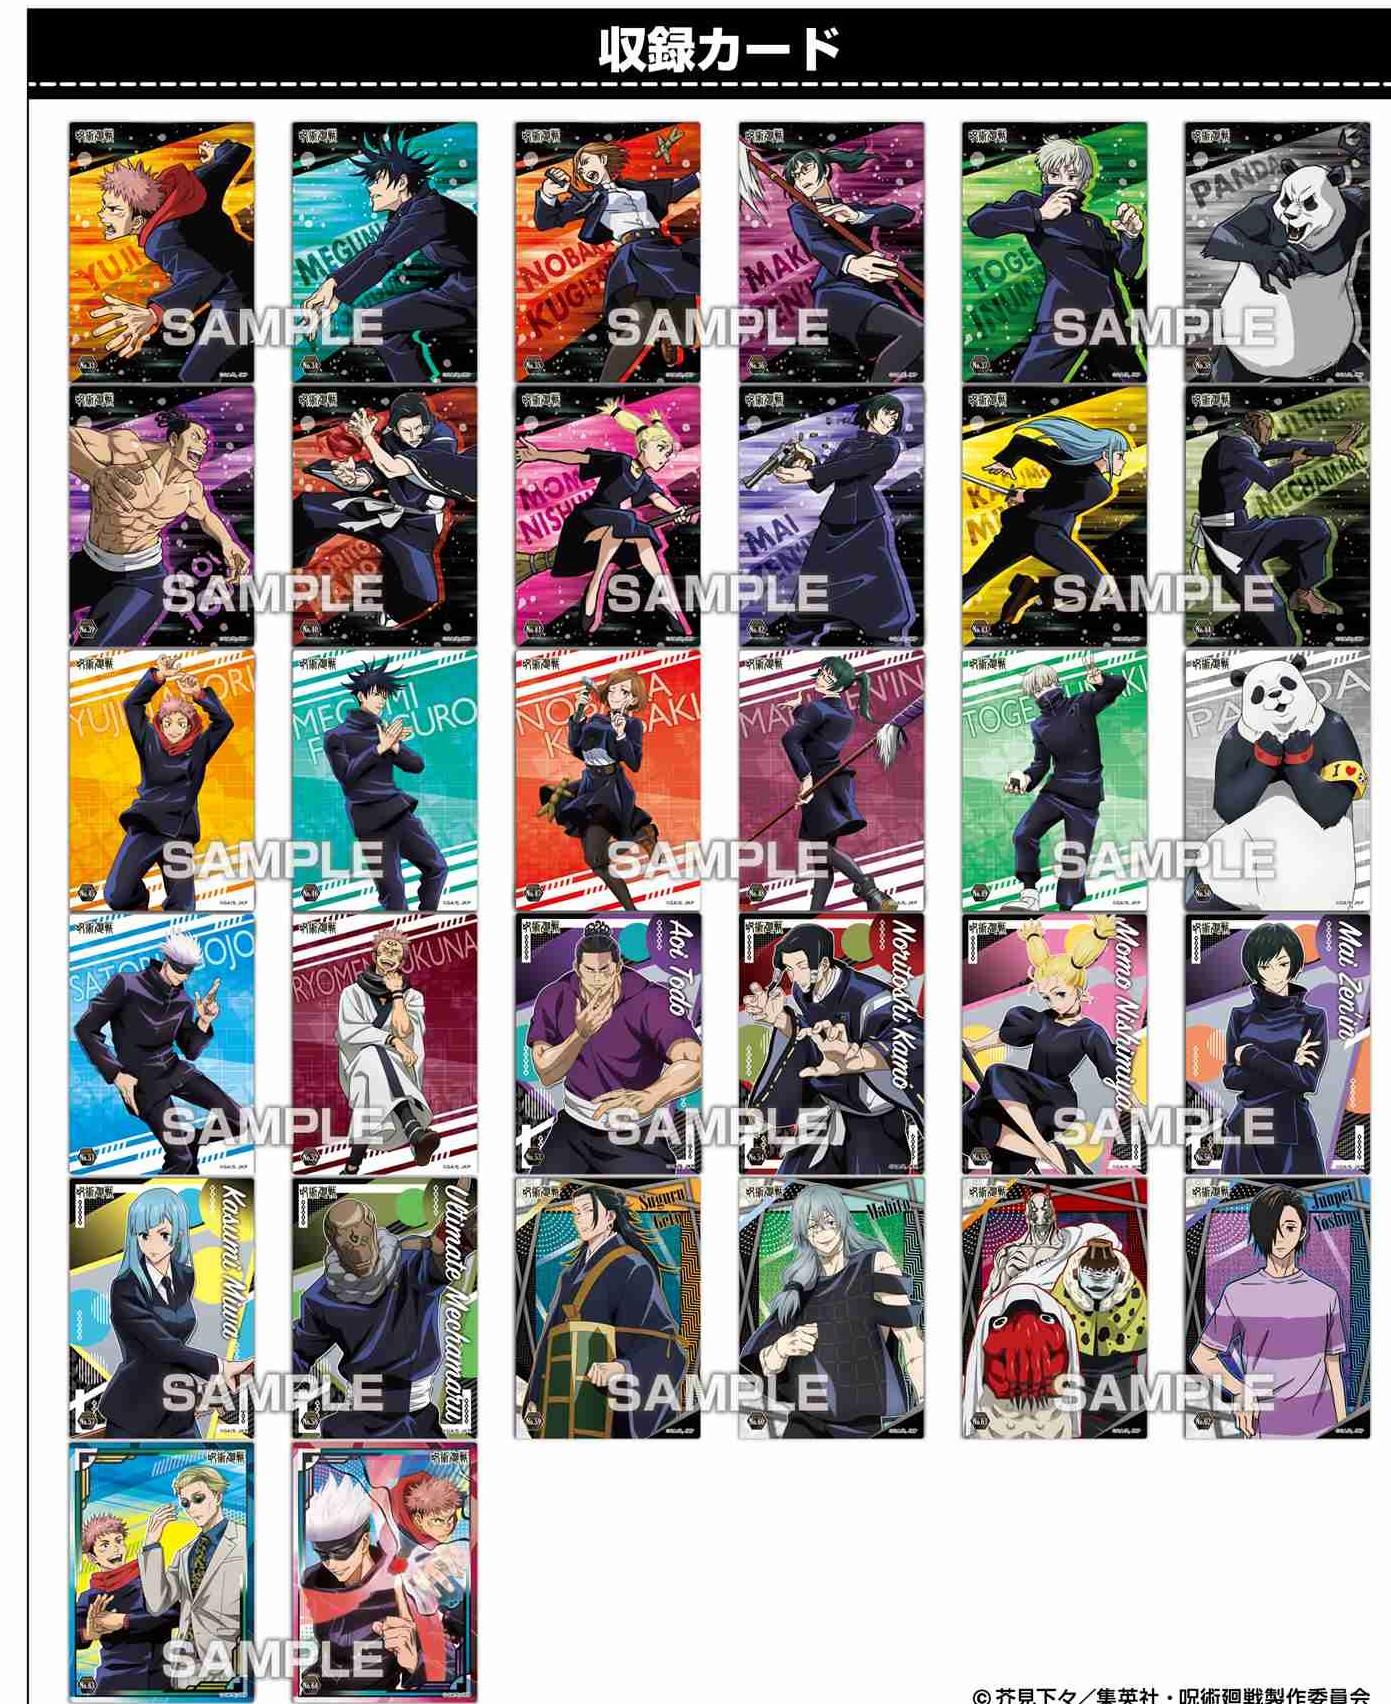 呪術廻戦クリアカードコレクションガム2(16入1BOX)No200  ※初回生産限定版